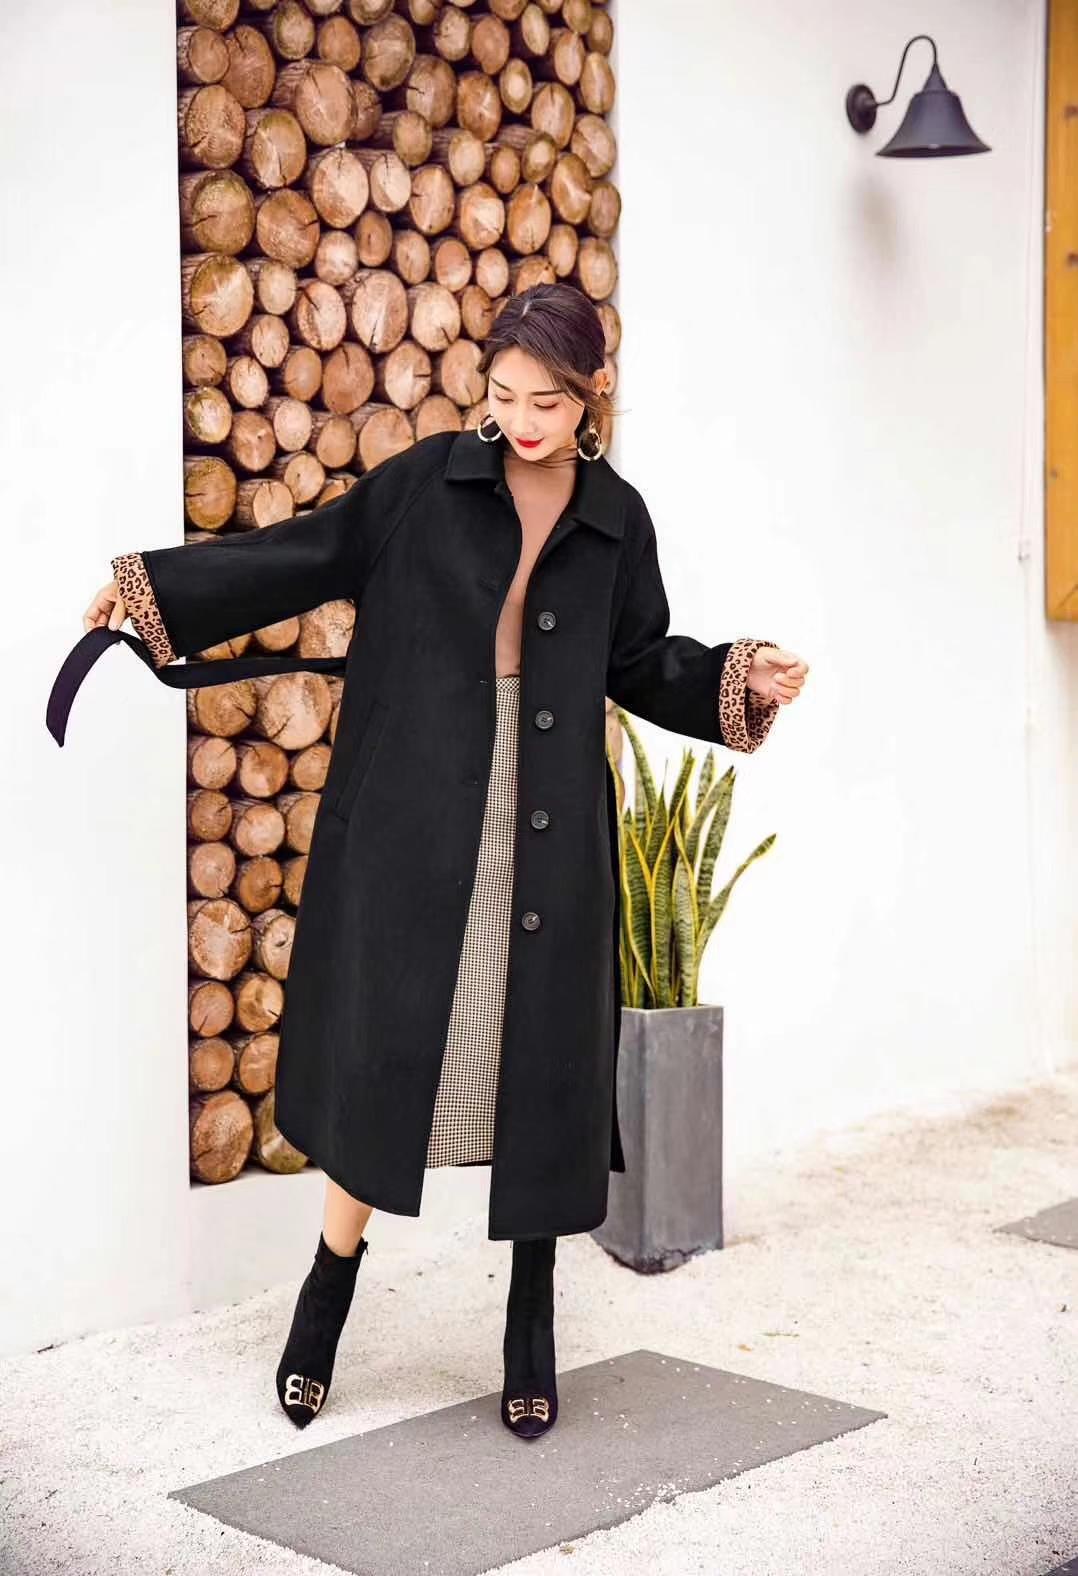 黑色大衣简单又不缺乏魅力 豹纹袖口,简直不要太美丽,让我不得不爱。